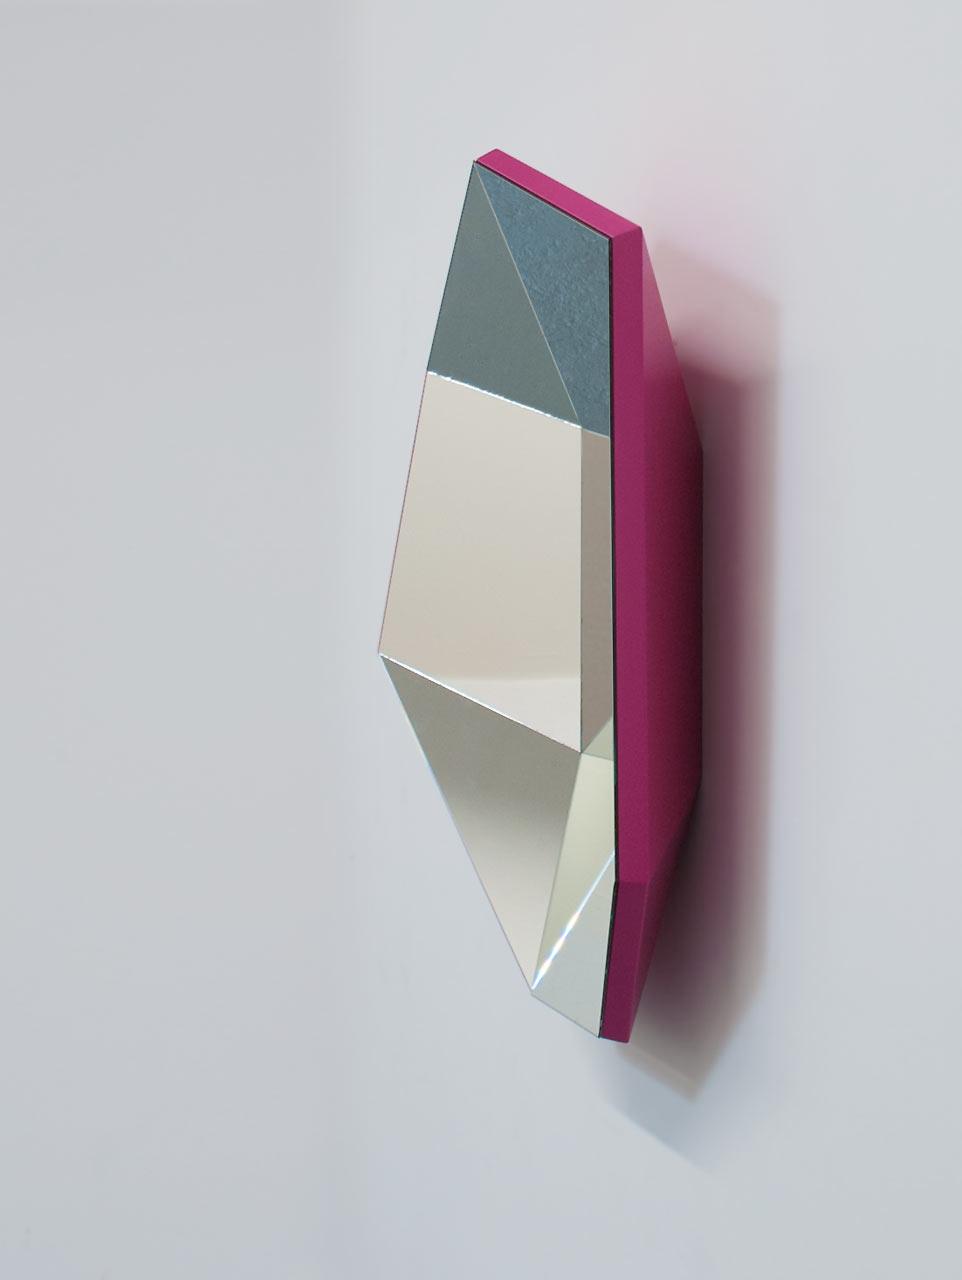 Stonefox-Architects-3D-Sculptural-Mirrors-hisheji (14)